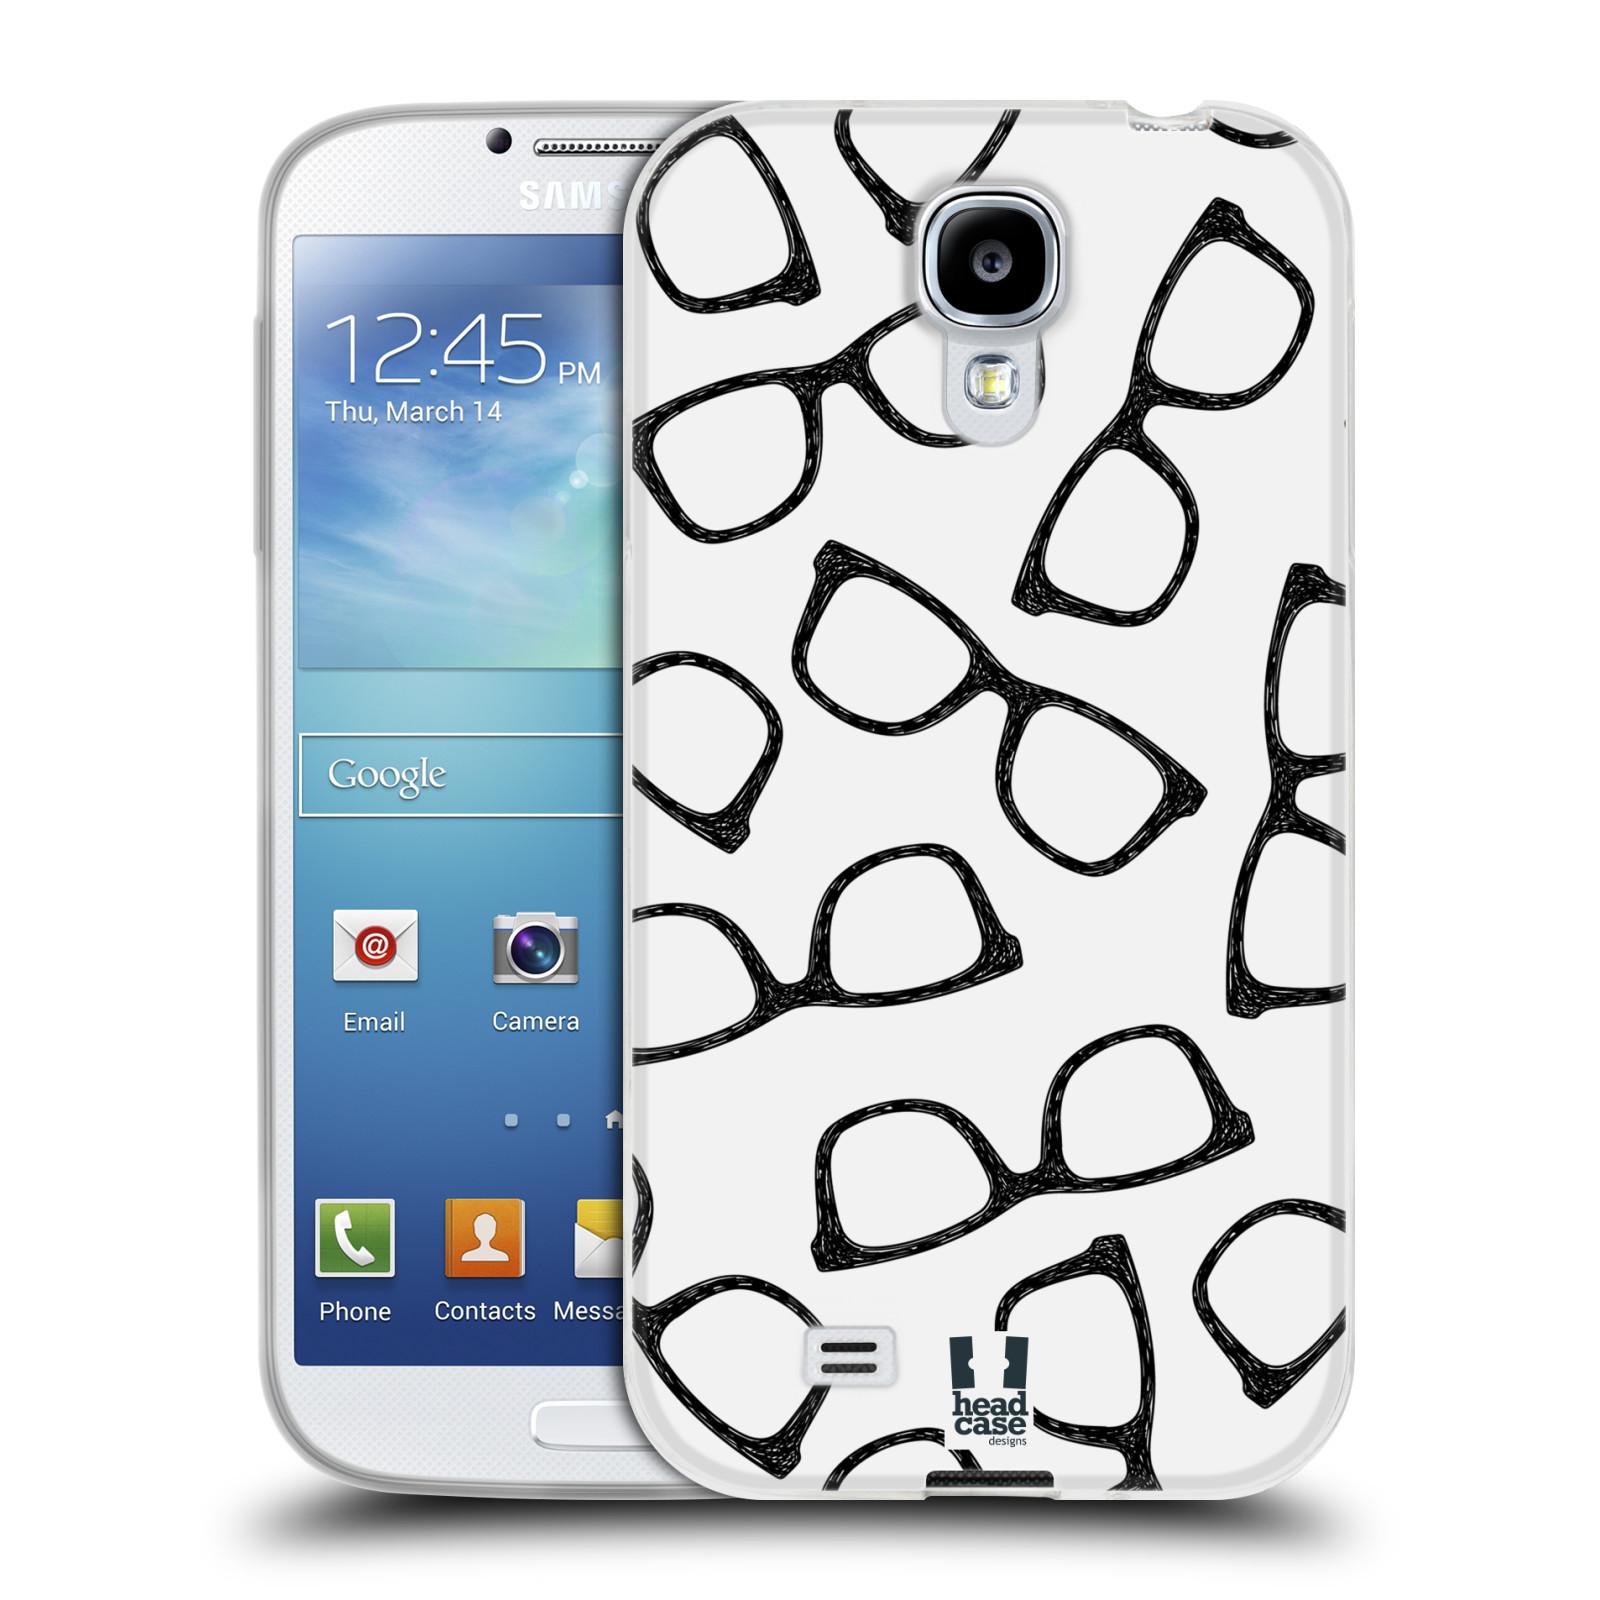 Silikonové pouzdro na mobil Samsung Galaxy S4 HEAD CASE HIPSTER BRÝLE (Silikonový kryt či obal na mobilní telefon Samsung Galaxy S4 GT-i9505 / i9500)